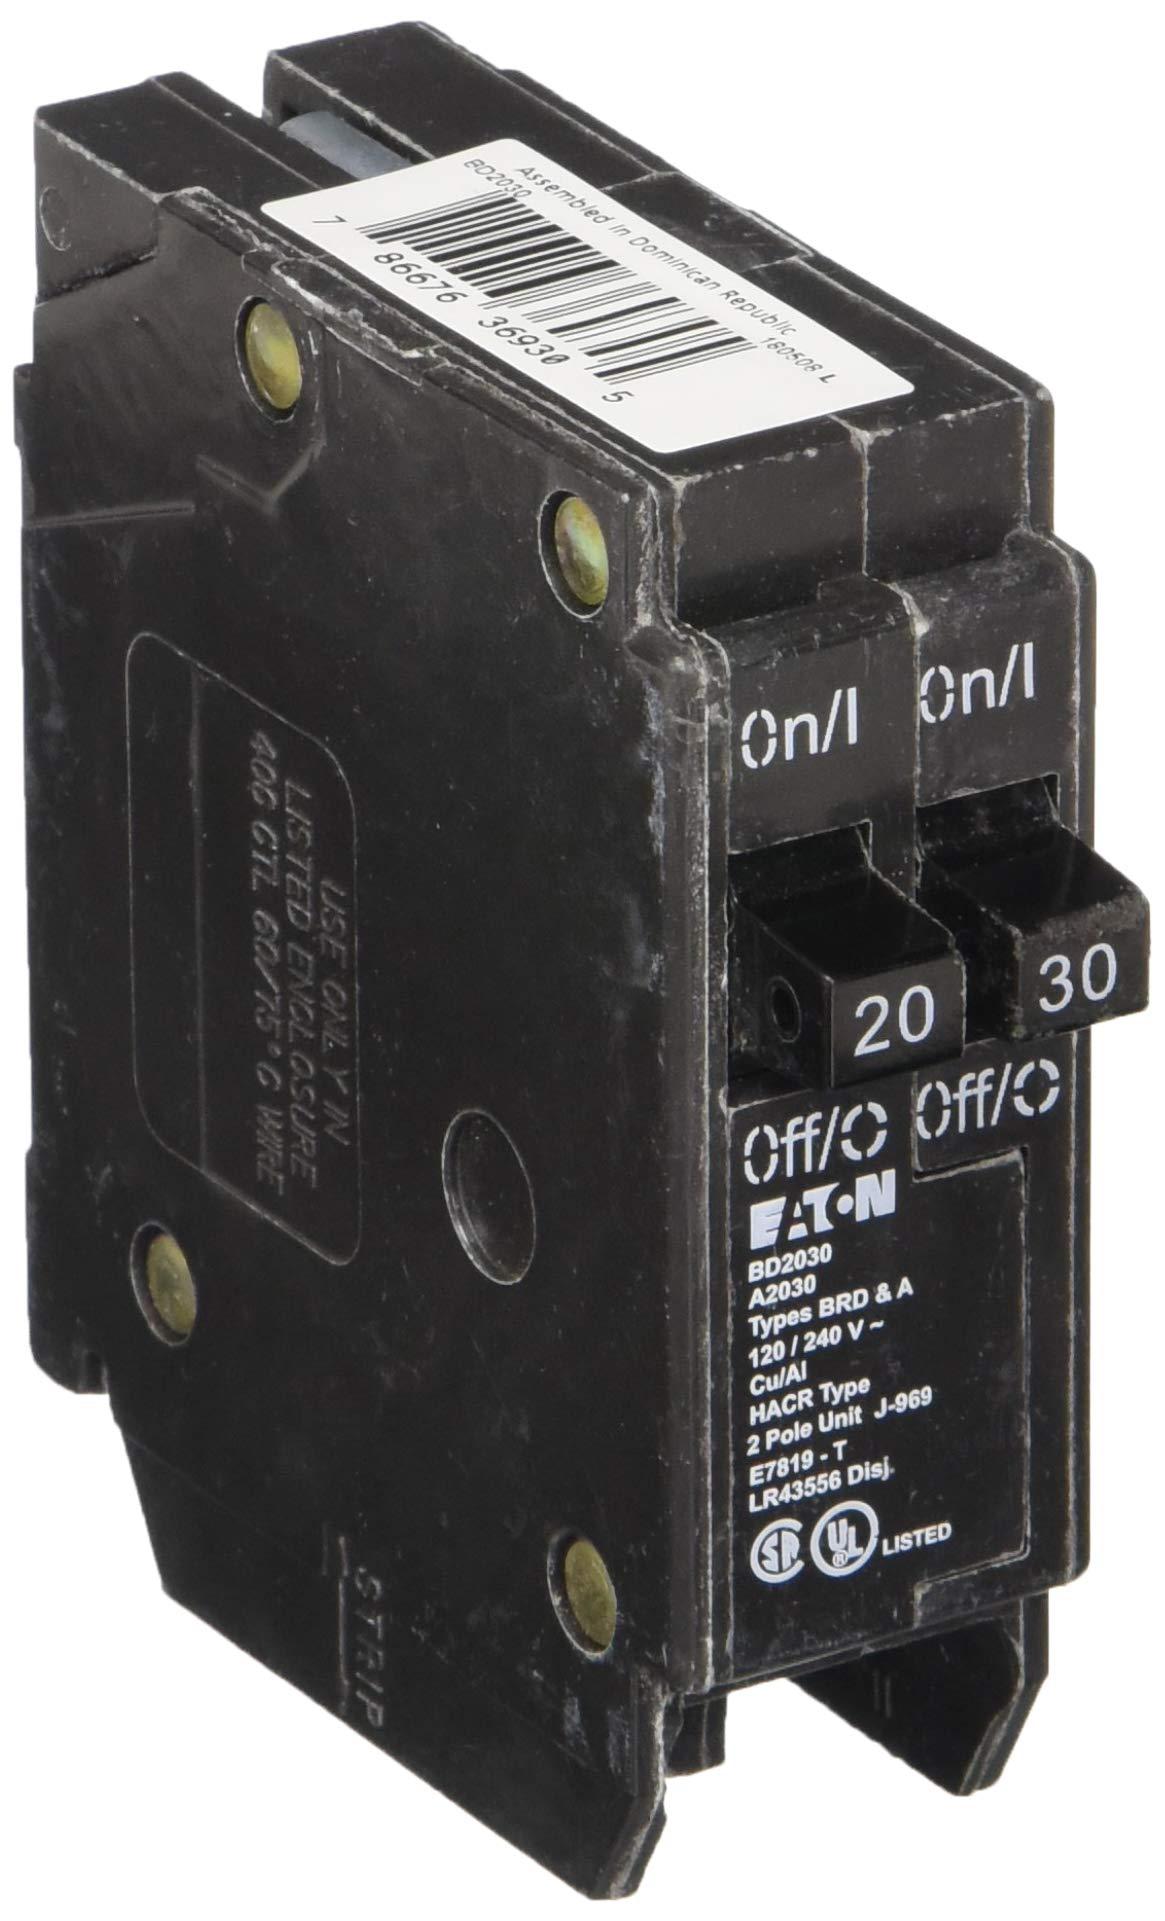 EATON BD2030 Type Bd Twin Circuit Breaker, 120 Vac, 20/30 A, 1 P, 10 Ka